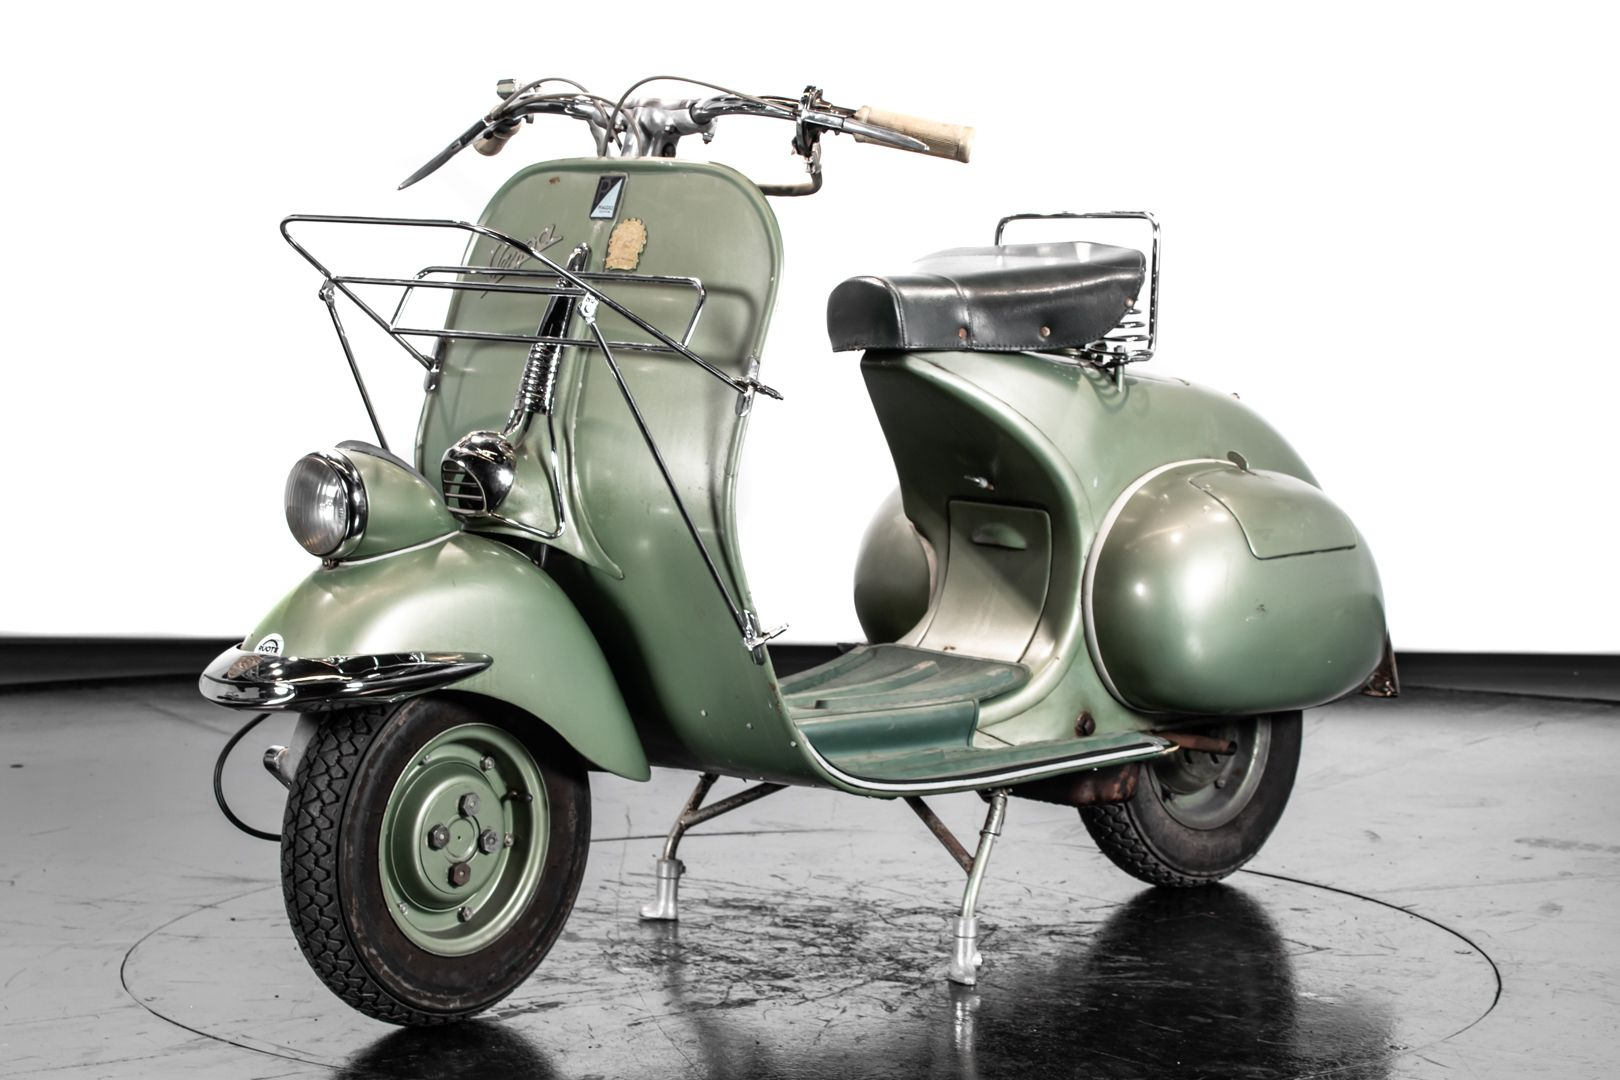 1951 Piaggio Vespa 125 51 V31 80367